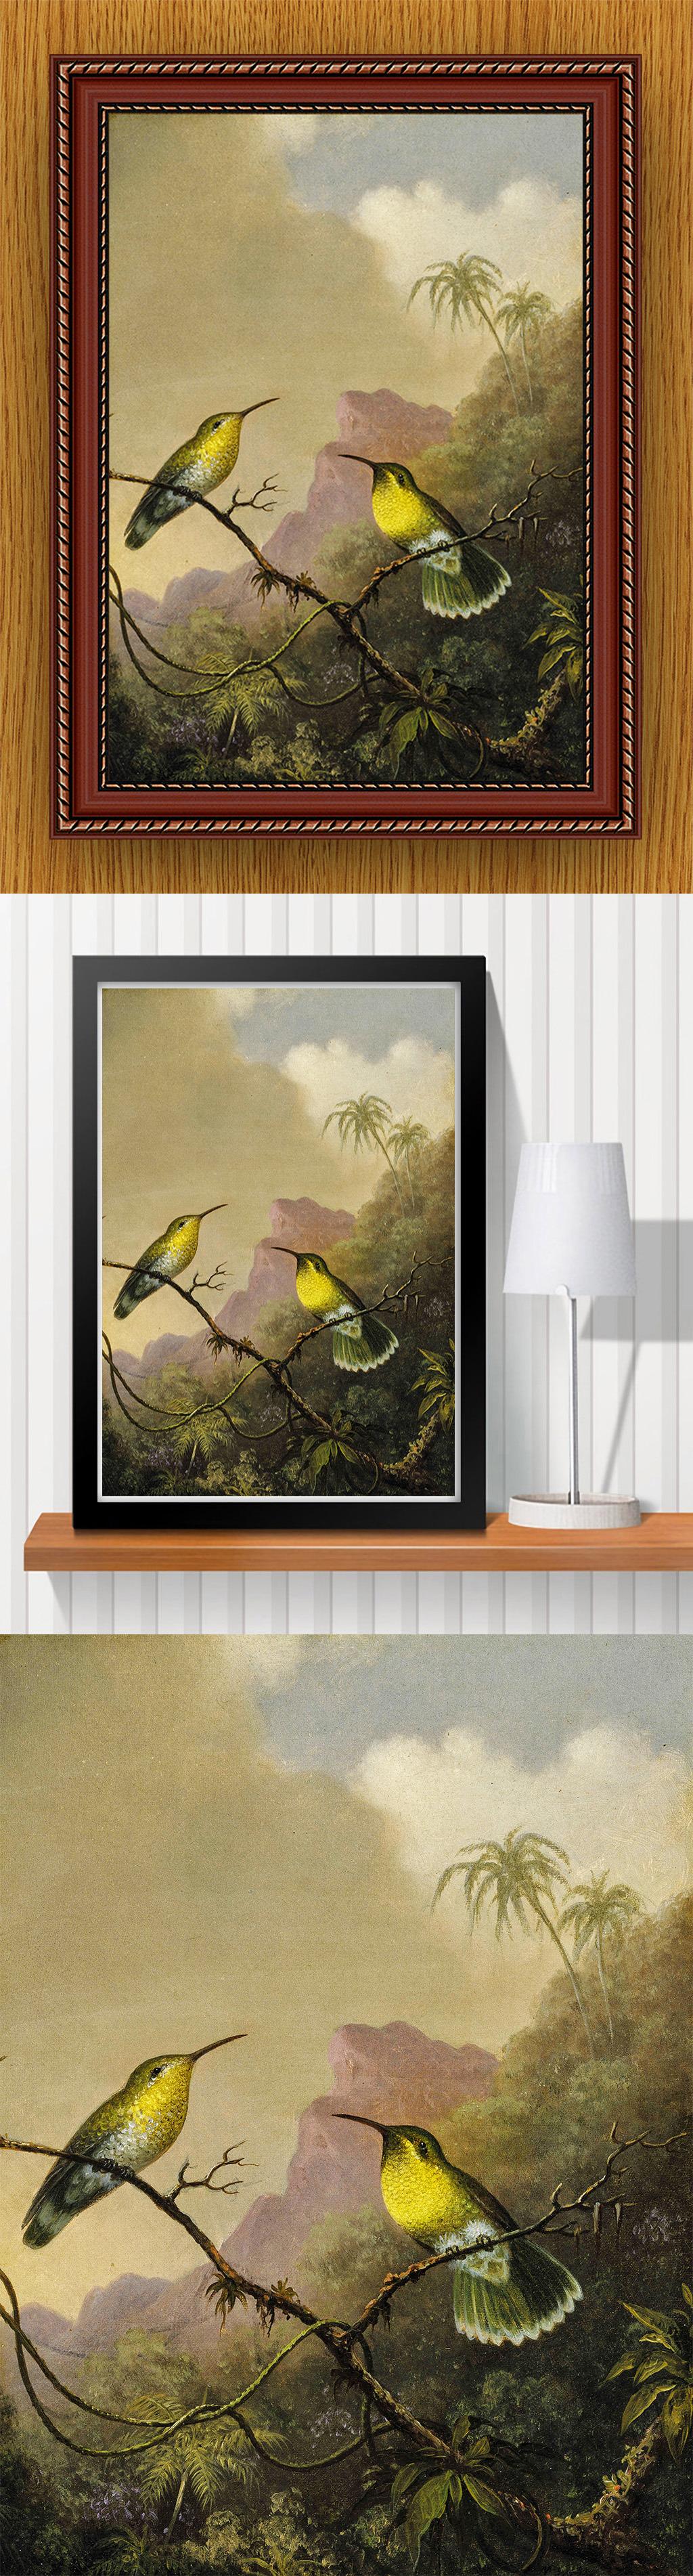 高清手绘现代写实风格小鸟风景油画